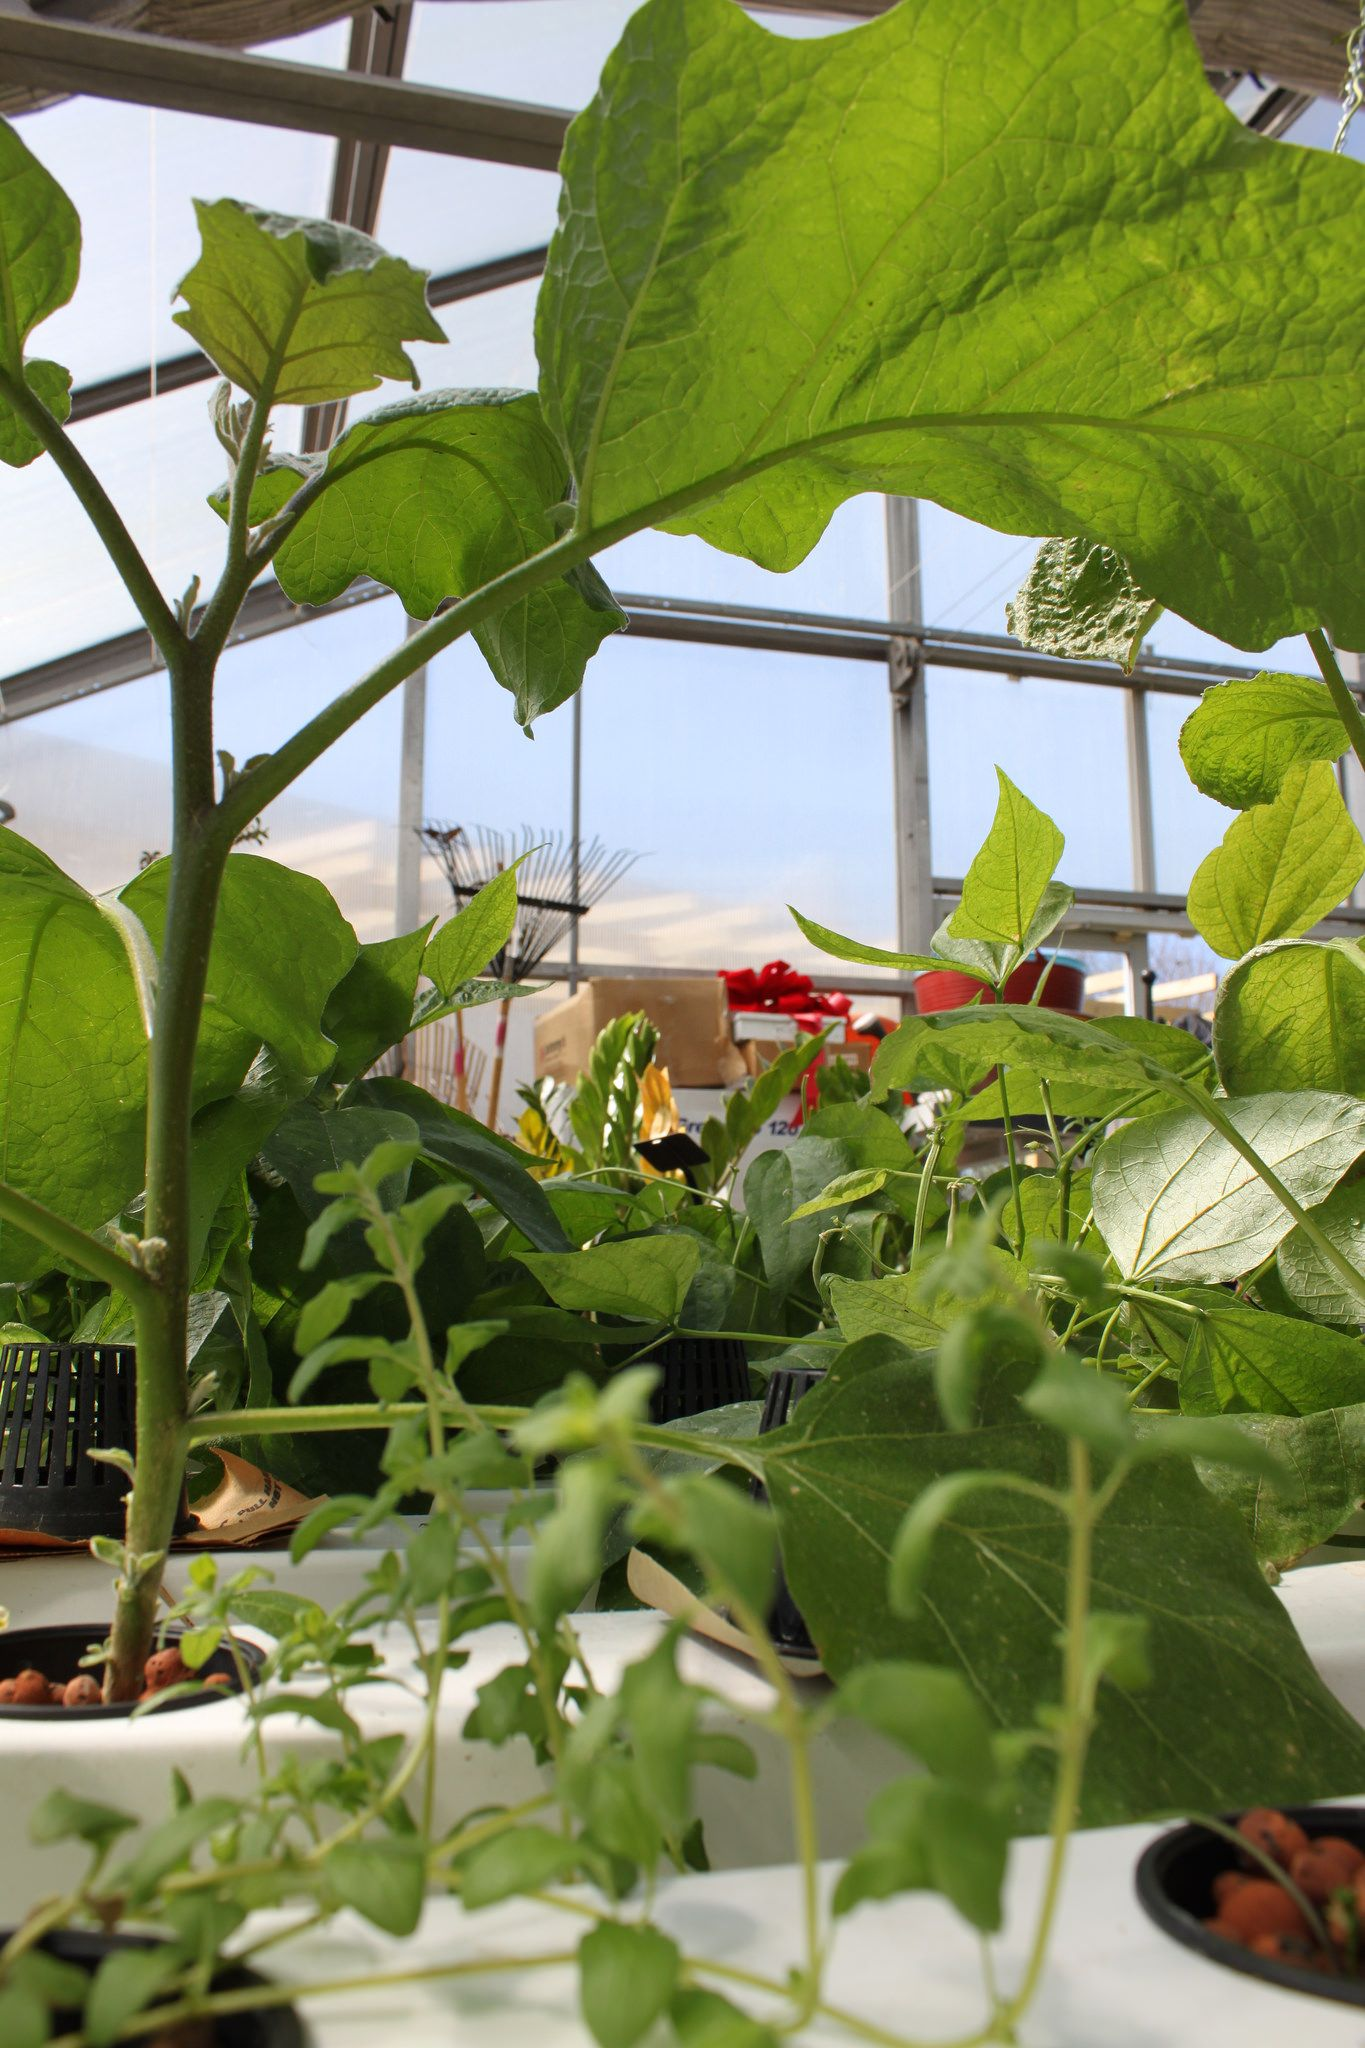 How to grow hydroponics